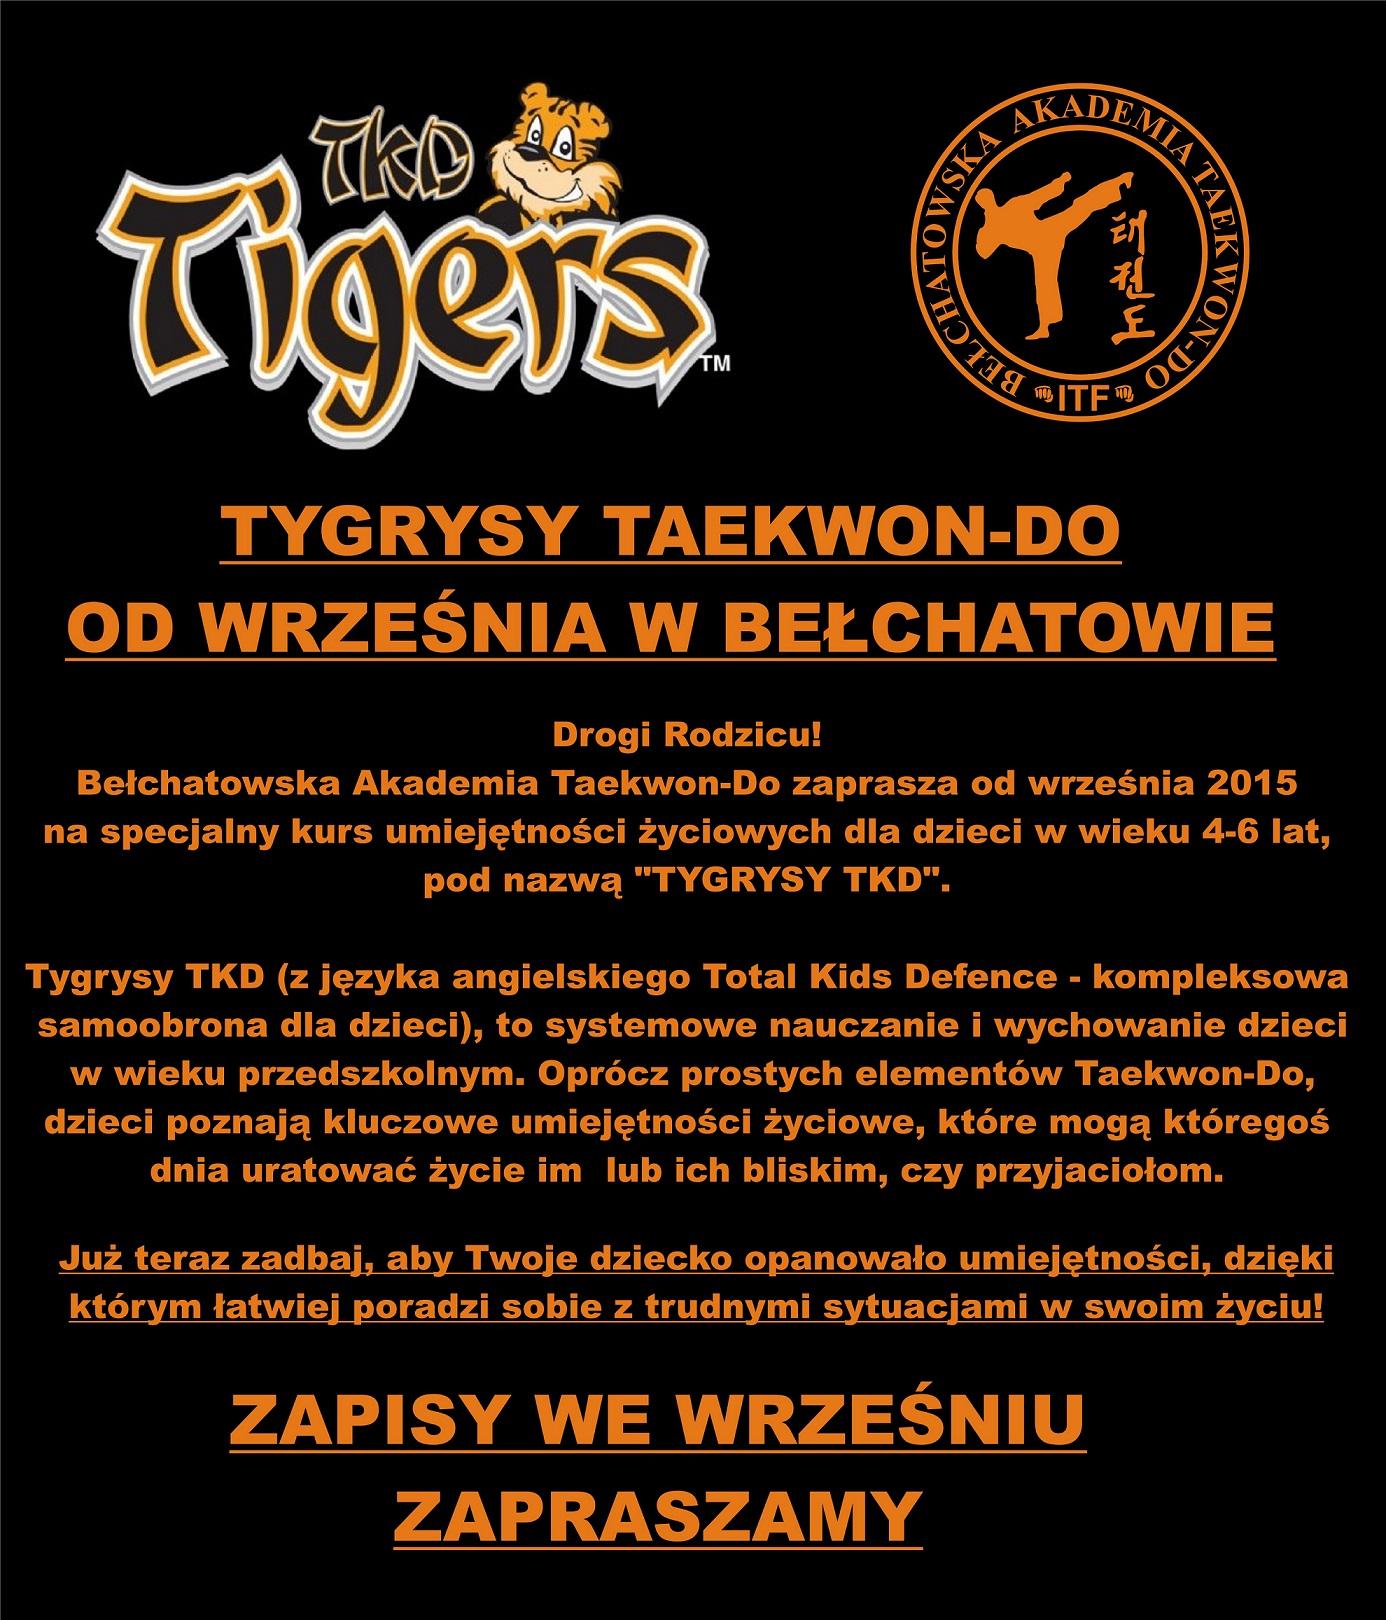 TKD TIGERS -info 1